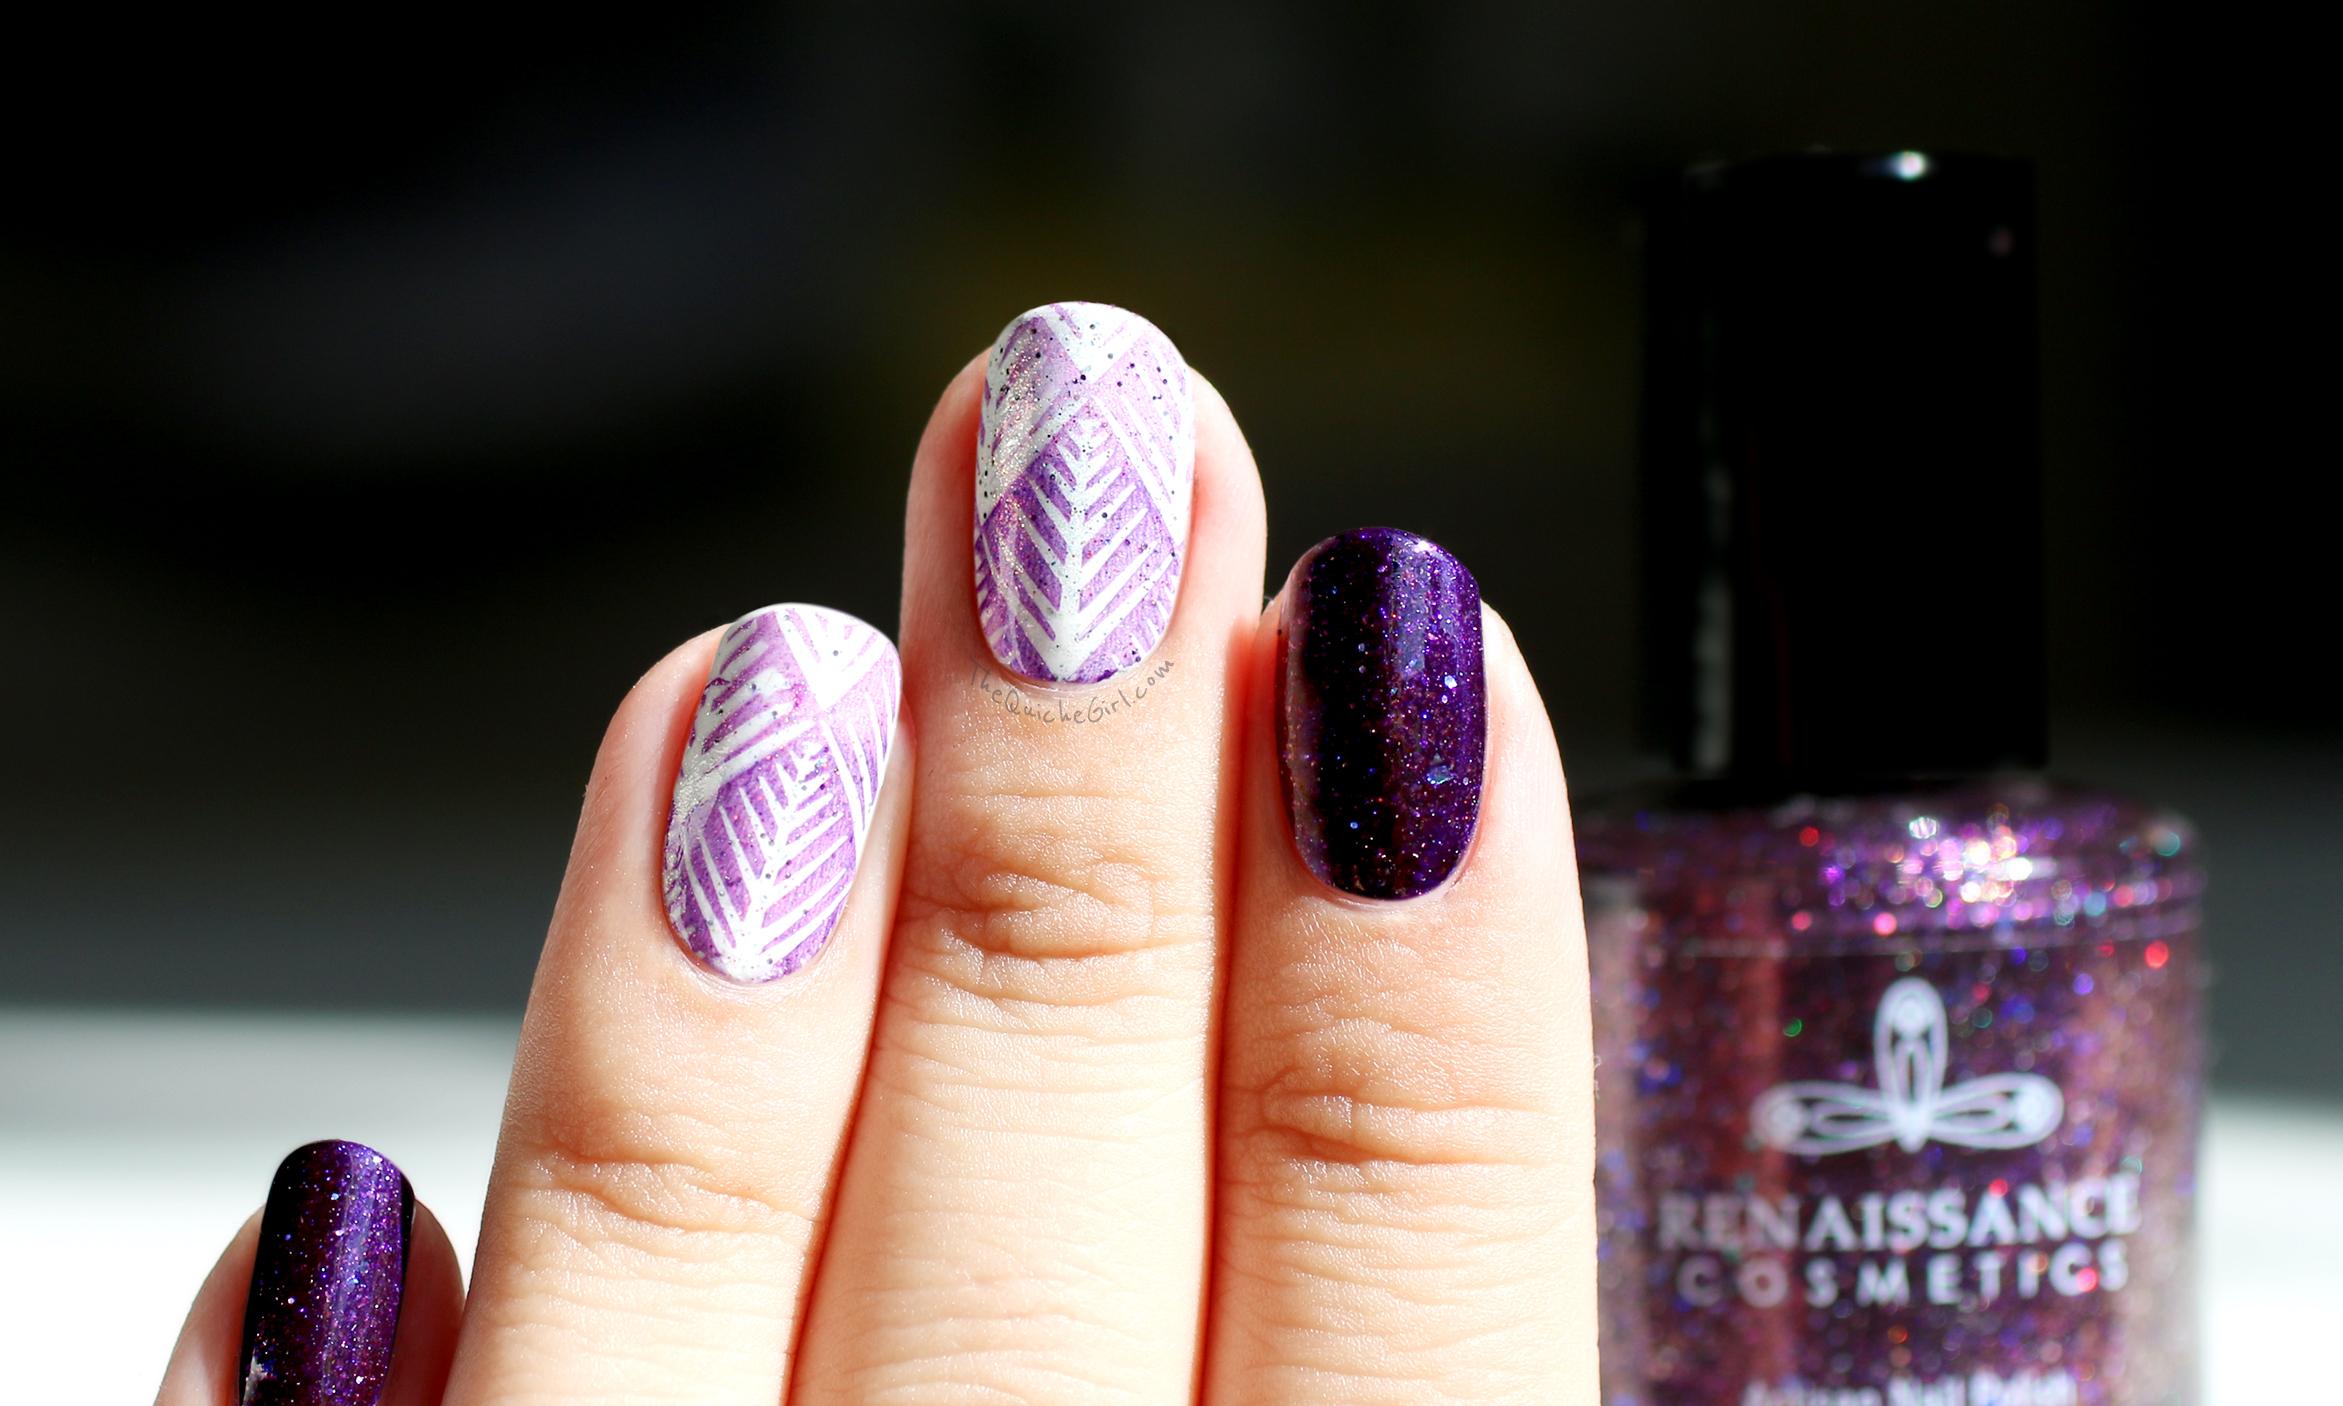 renaissance cosmétique, packaging, violet, blanc, Quichegirl